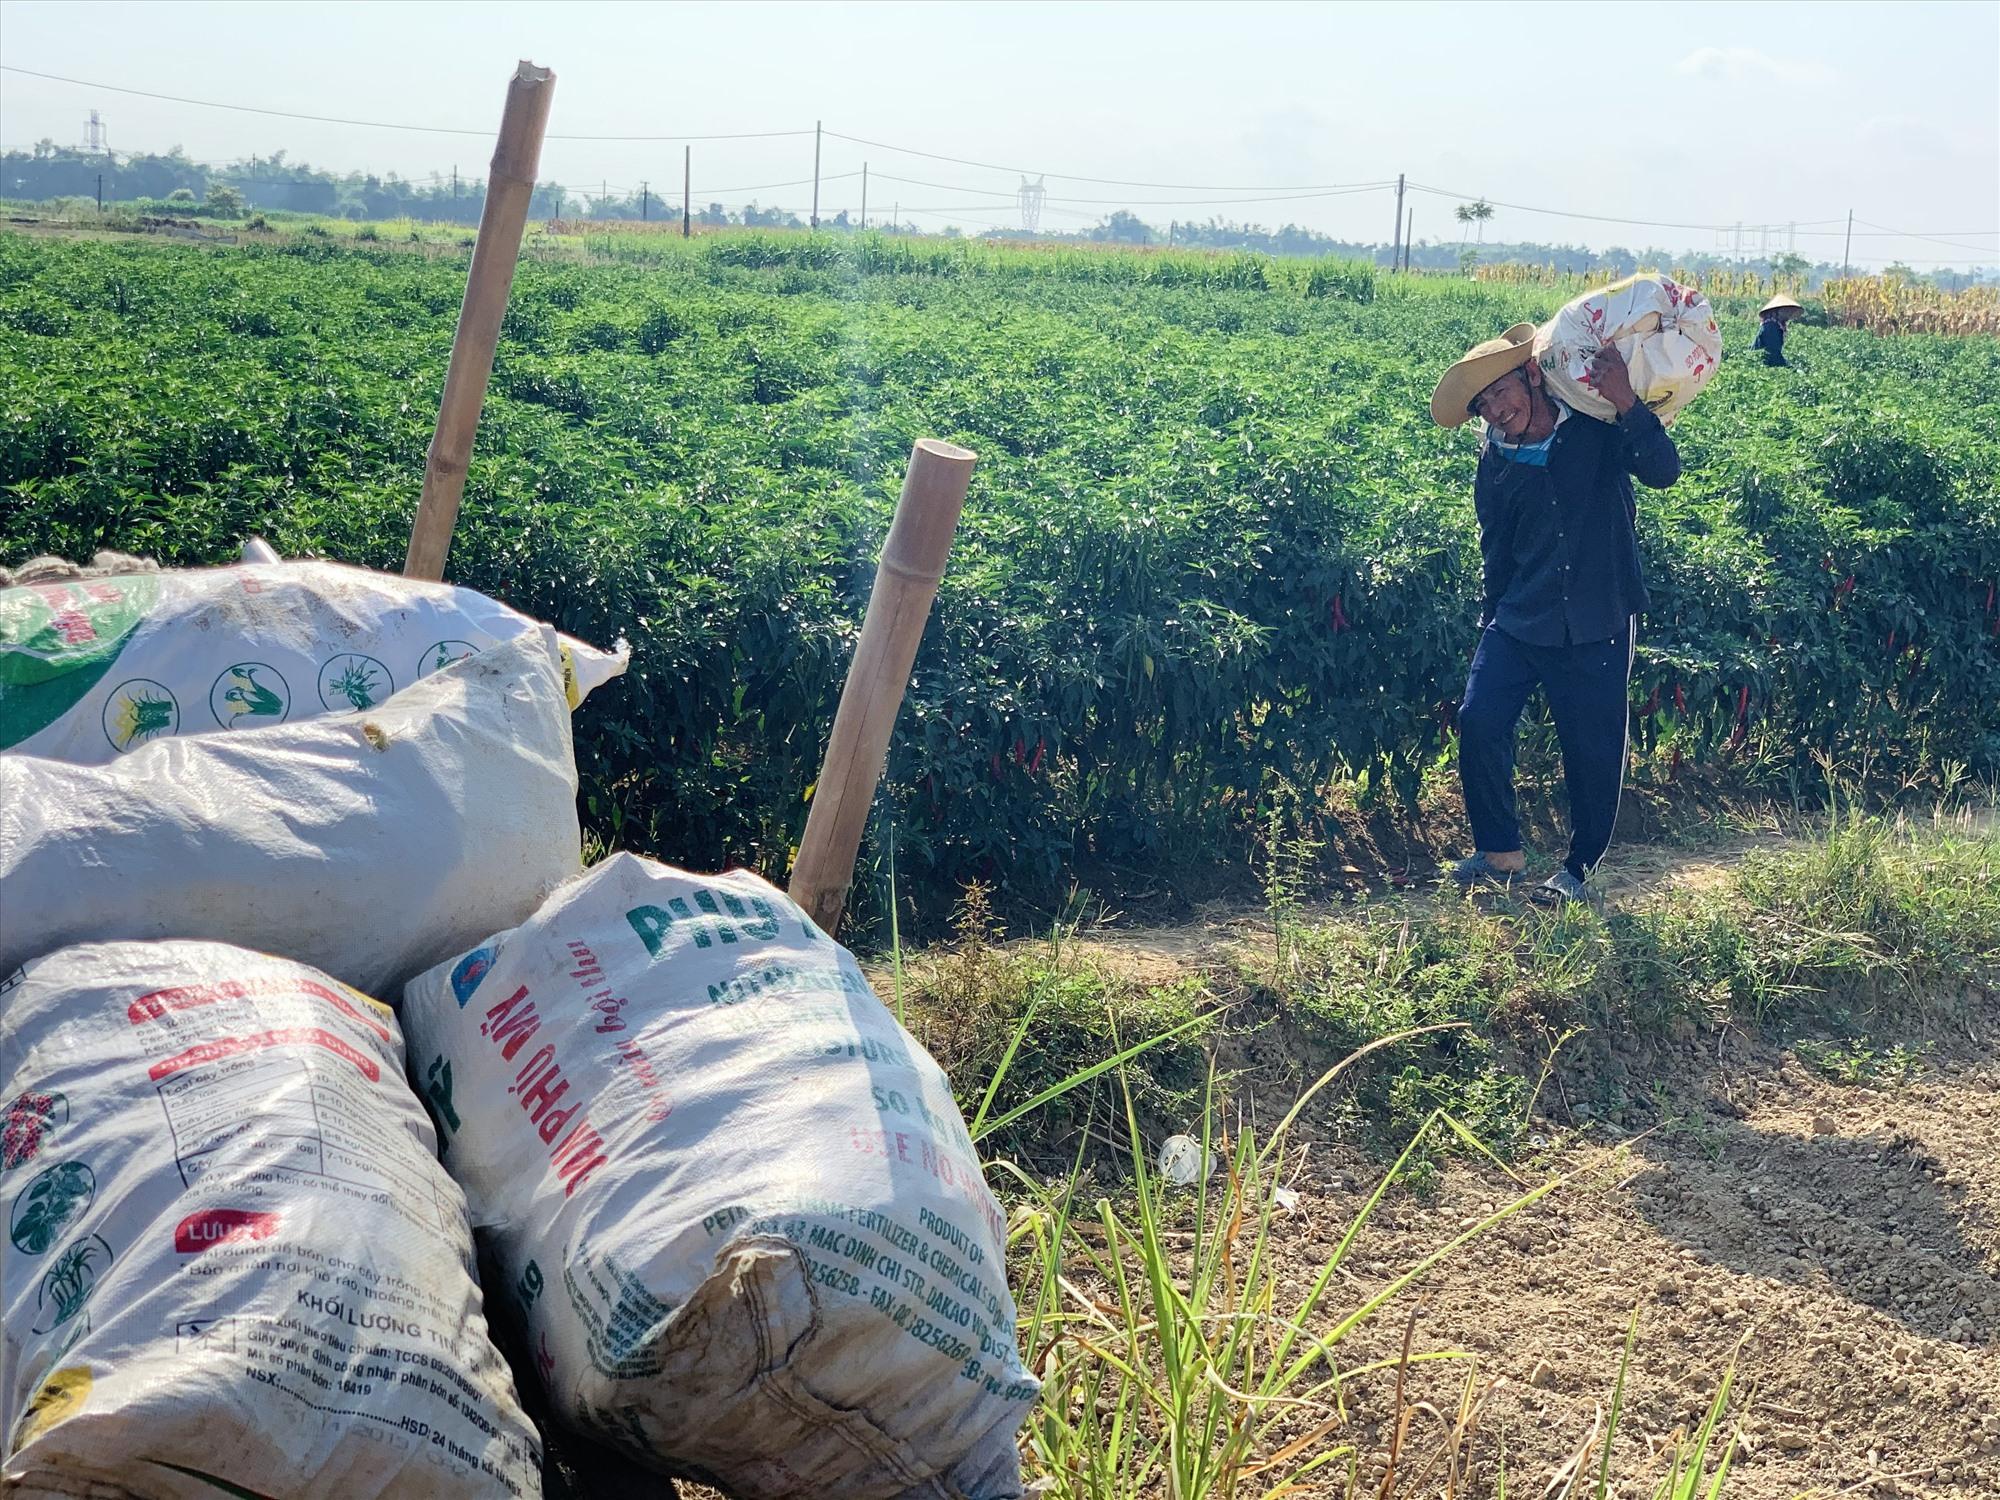 Thương lái không đến tận ruộng thu mua như trước, nhà nông đành hái ớt chở về nhà.  Ảnh: T.S